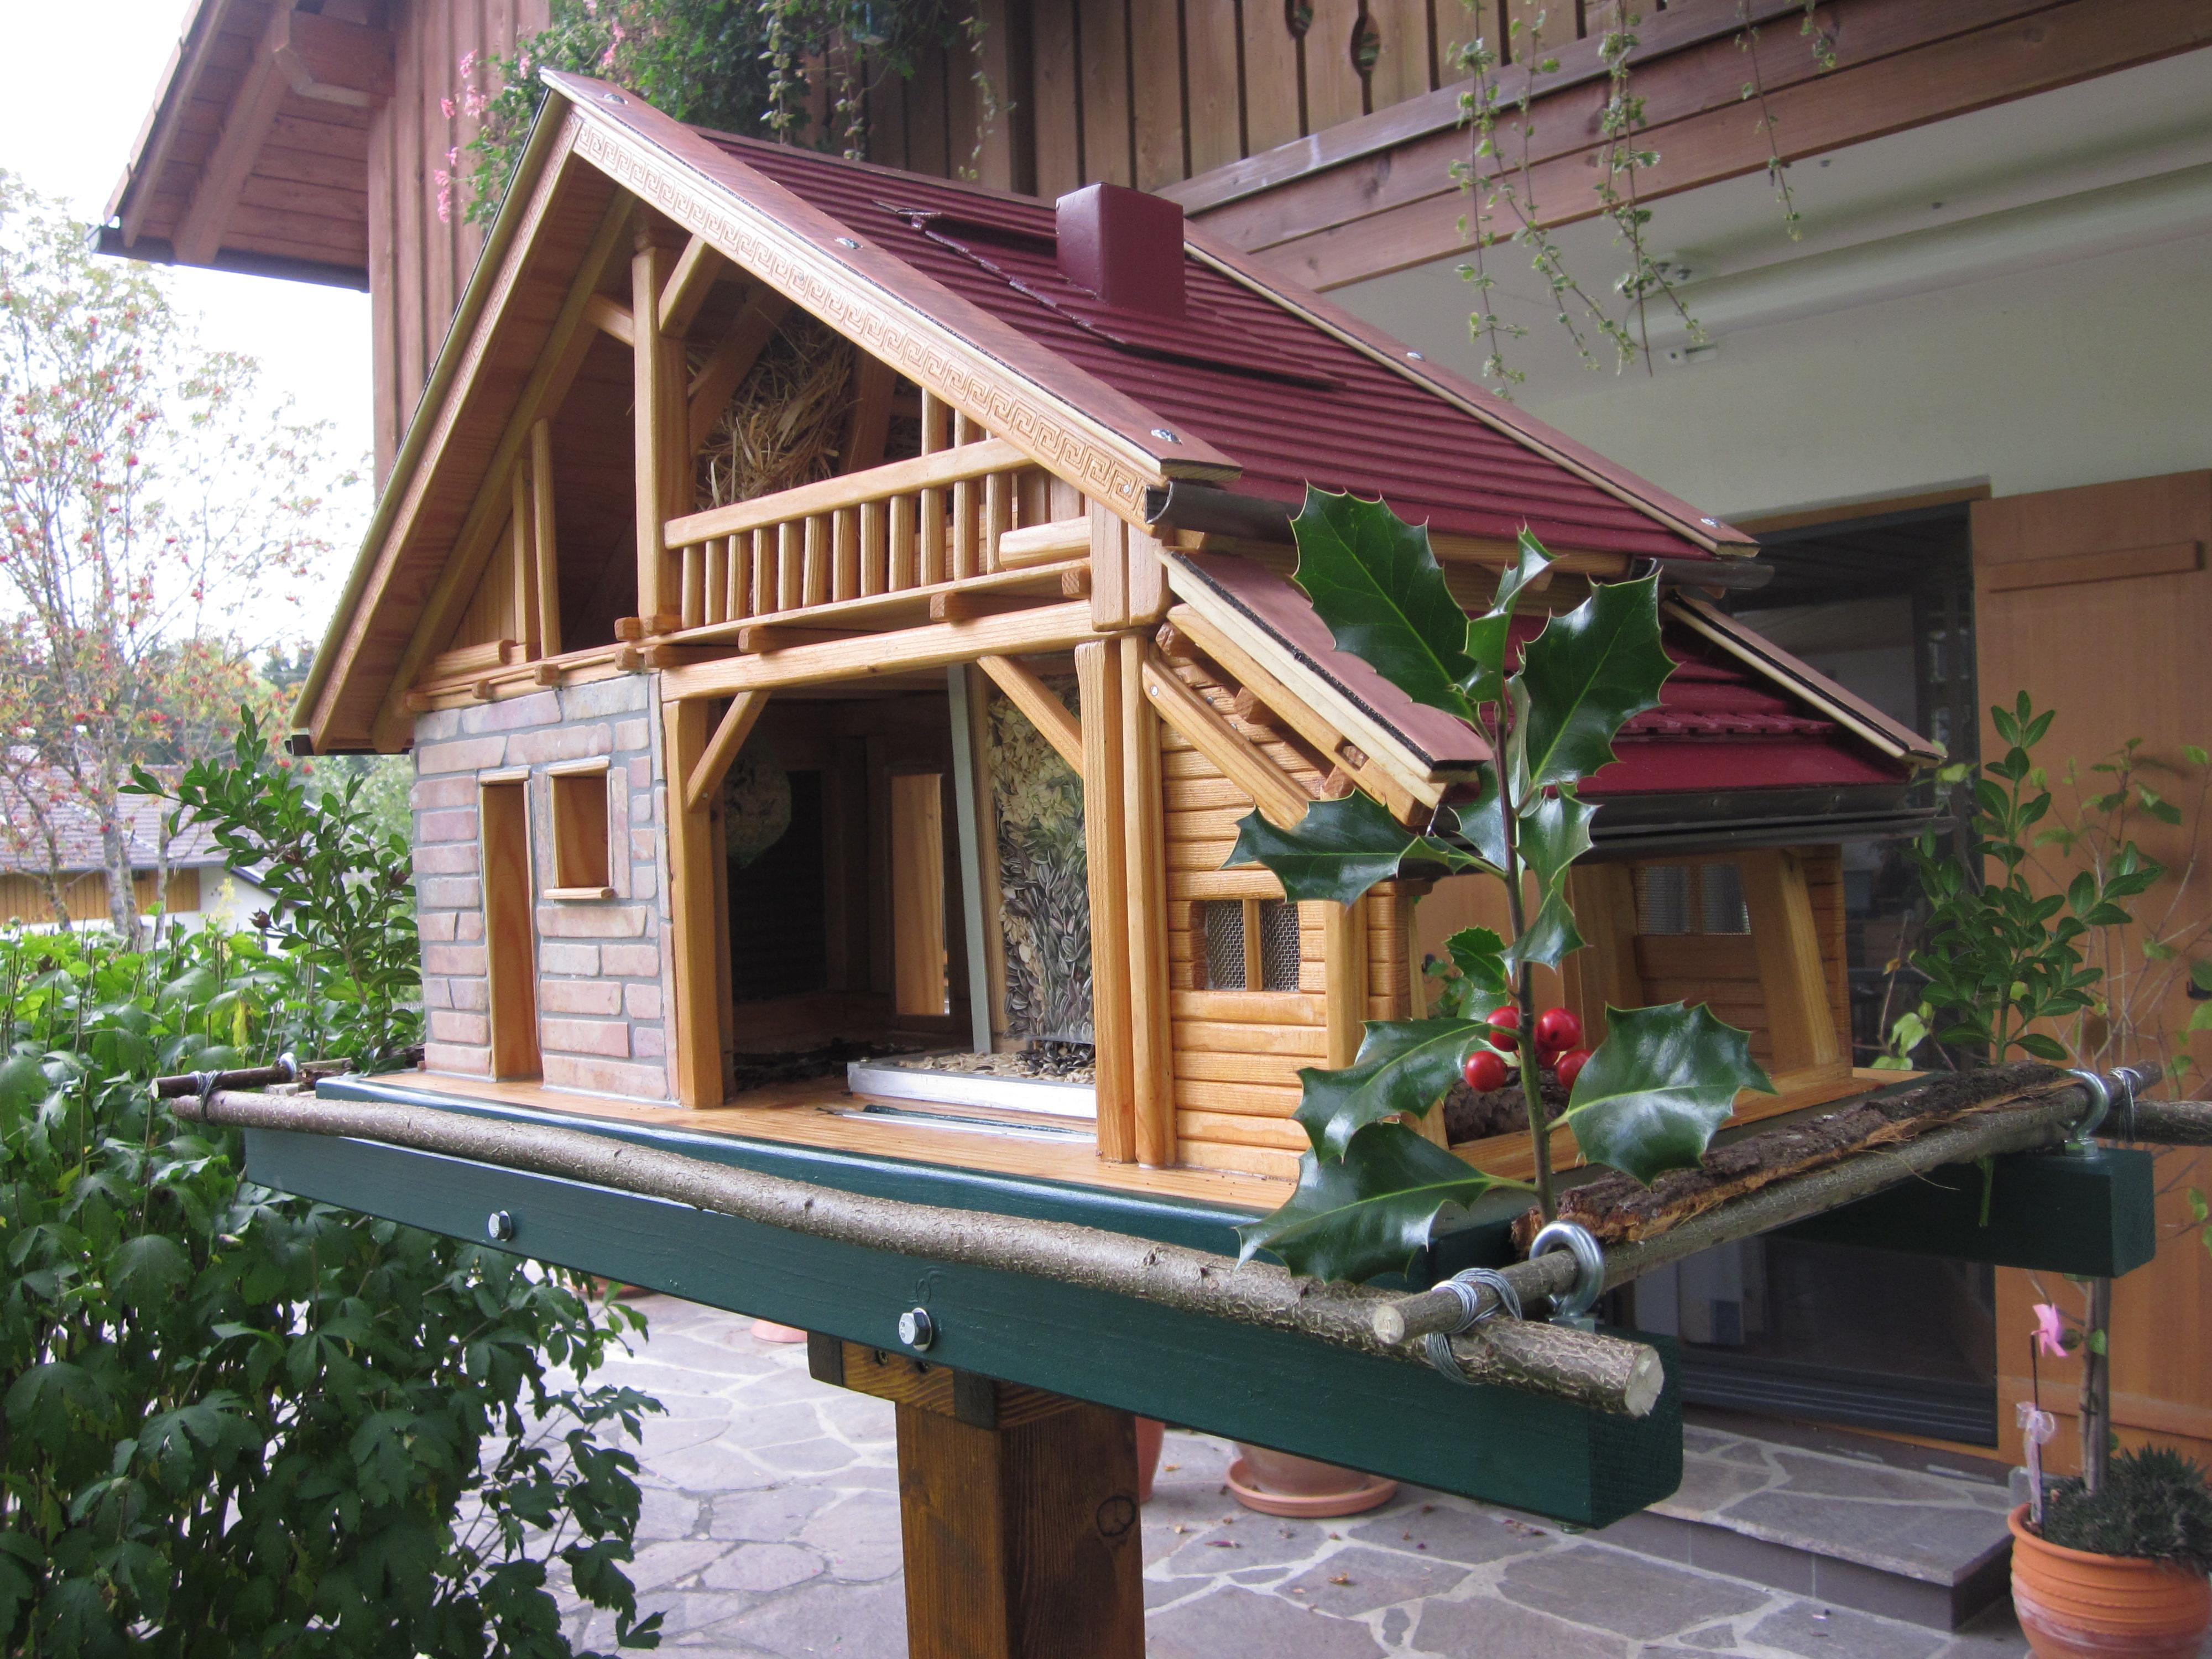 Vogelhaus Bild 3